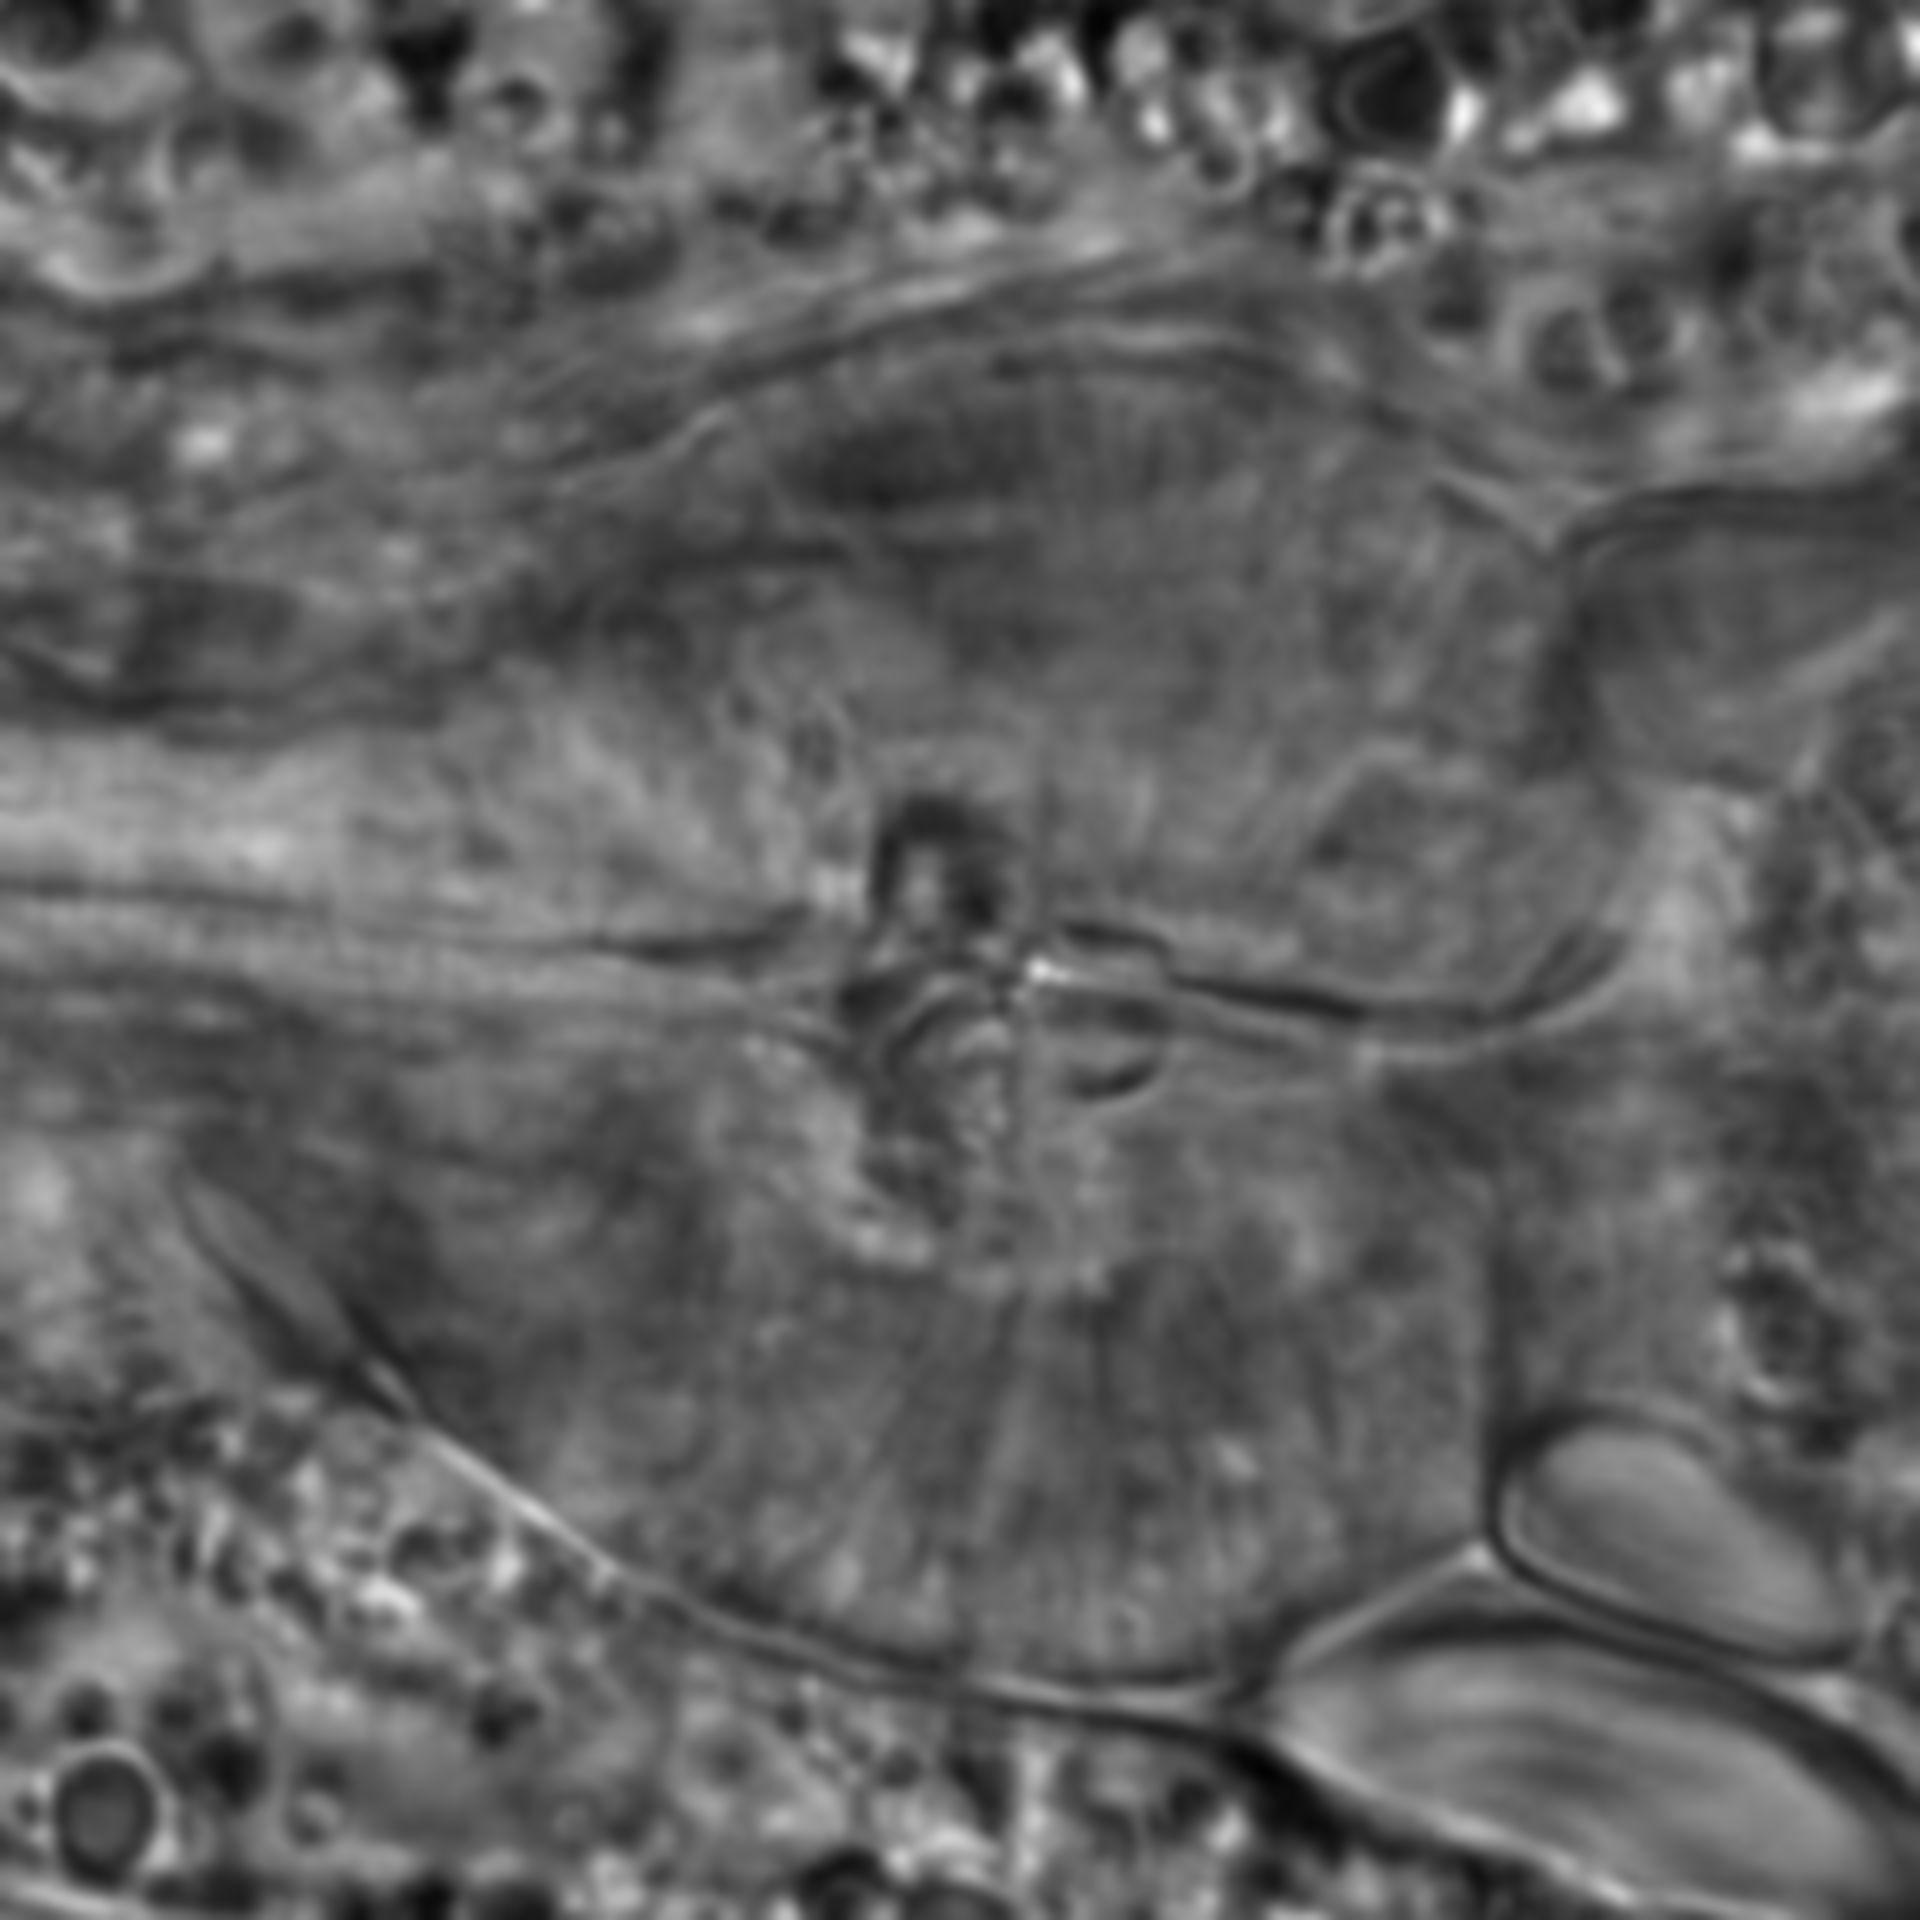 Caenorhabditis elegans - CIL:2055